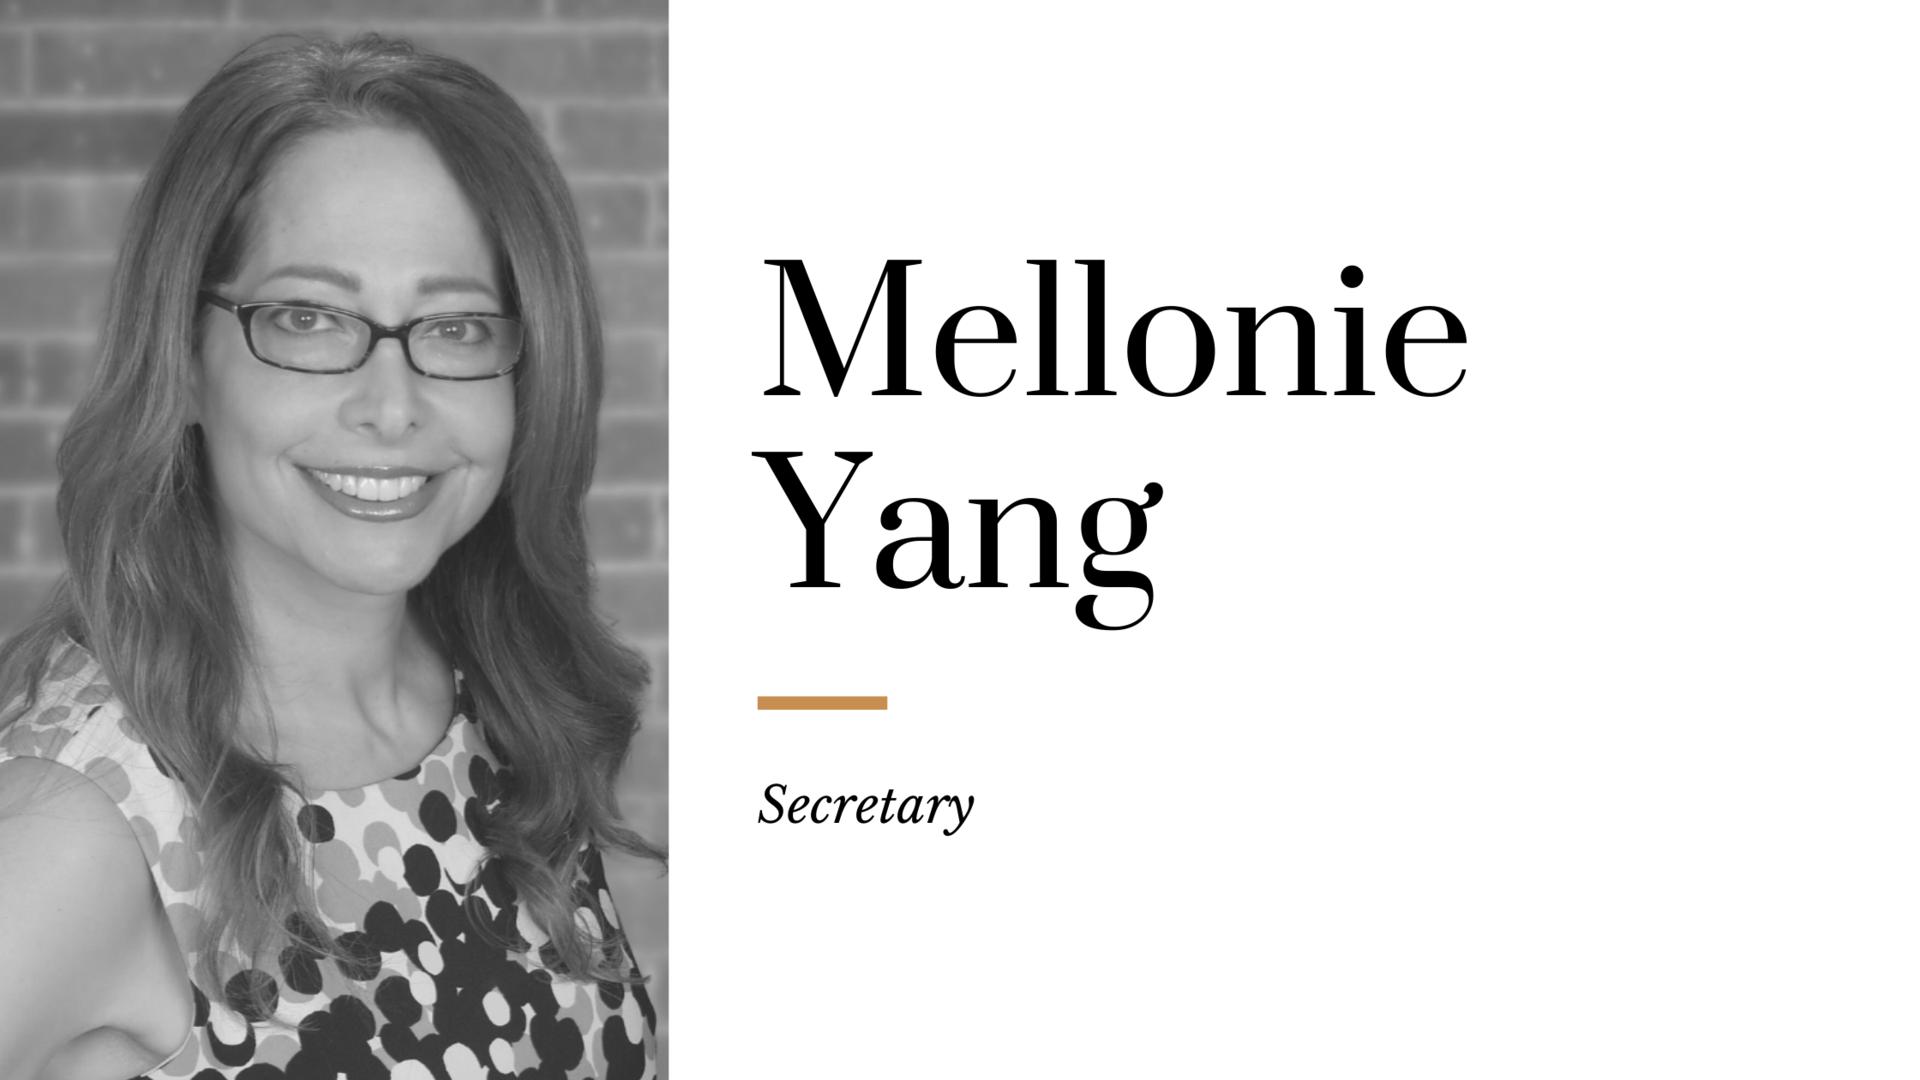 Mellonie Yang - Secretary